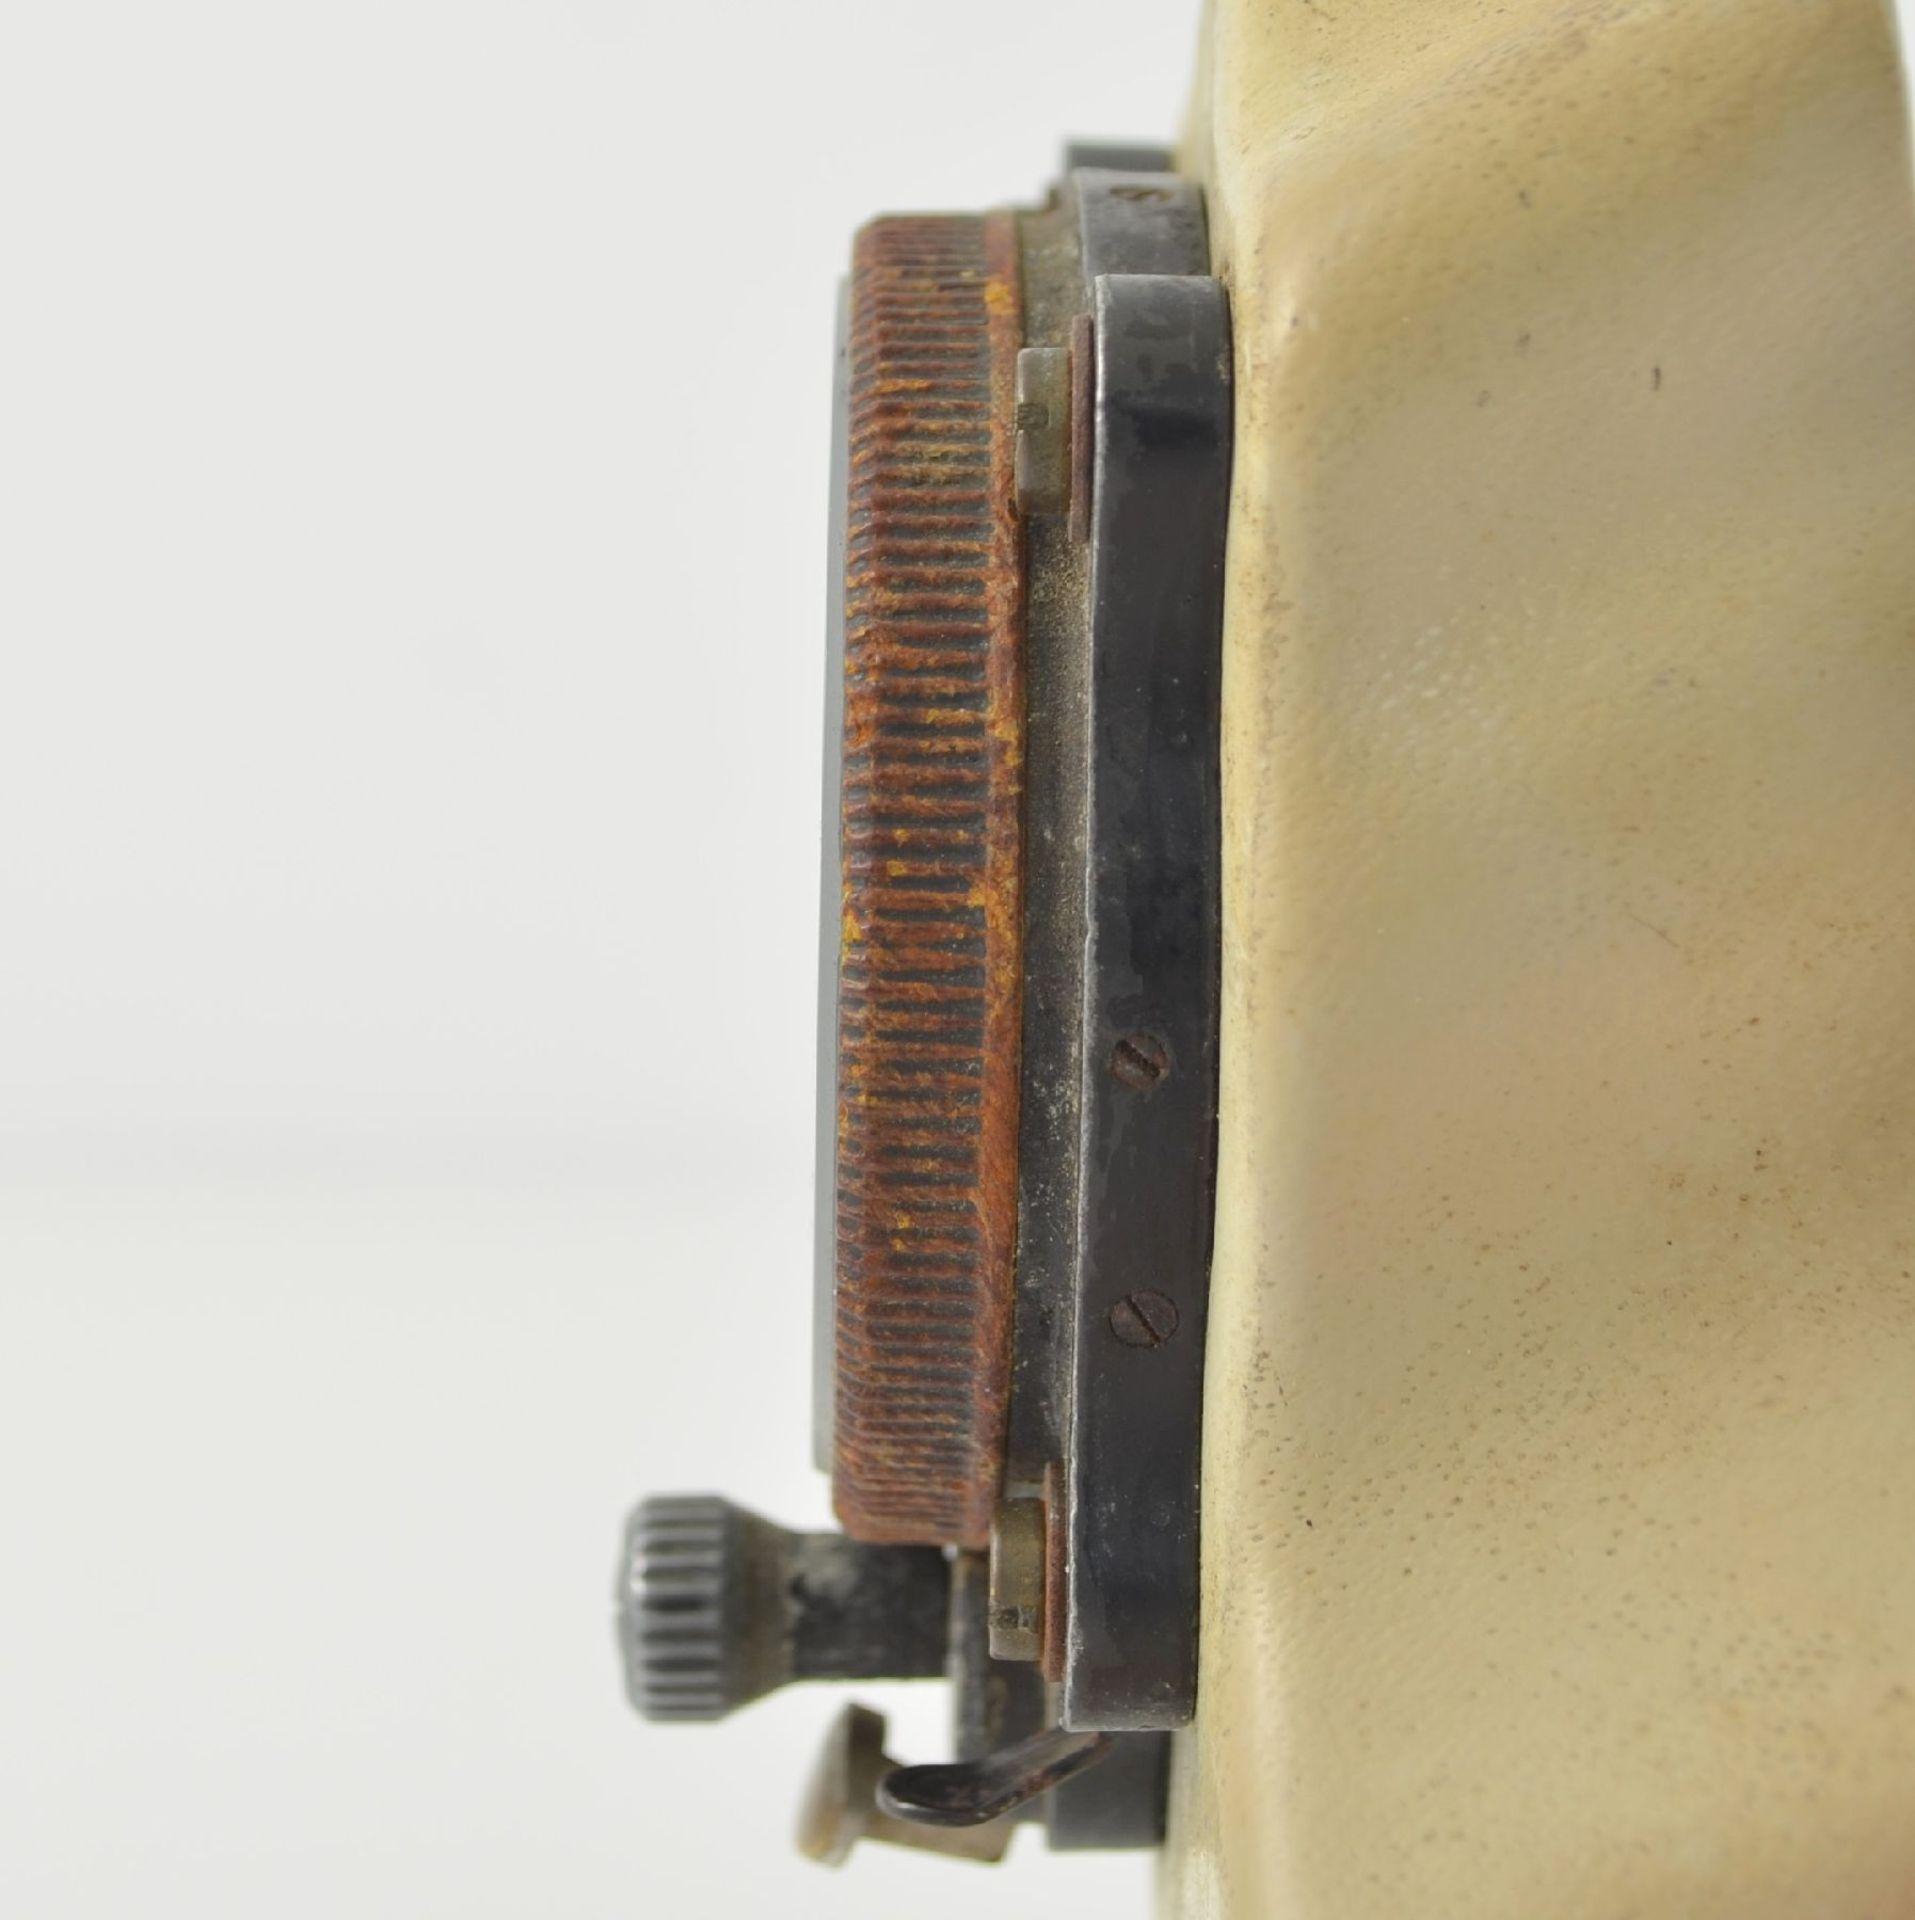 JUNGHANS Borduhr mit Chronograph (Dashboard), Deutschland um 1940, schwarzes Metallgeh., montiert - Bild 5 aus 6